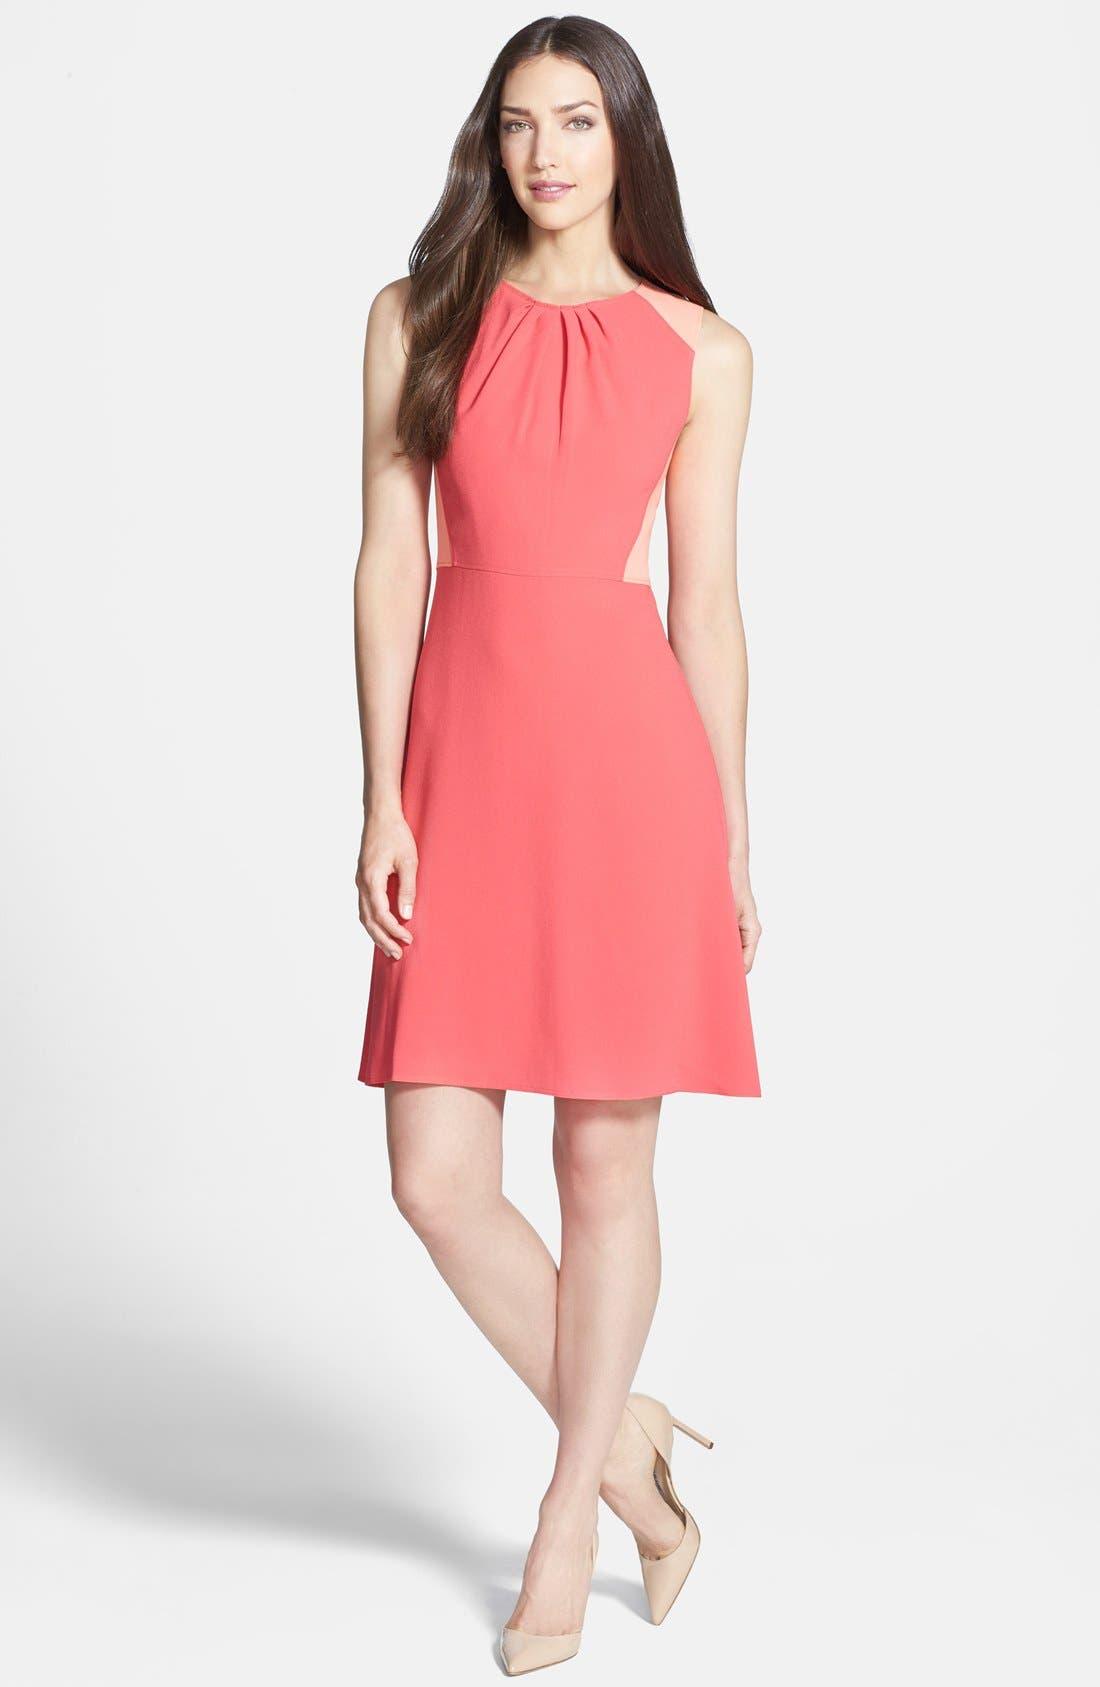 Alternate Image 1 Selected - Elie Tahari 'Rosario' Colorblock Crepe Fit & Flare Dress